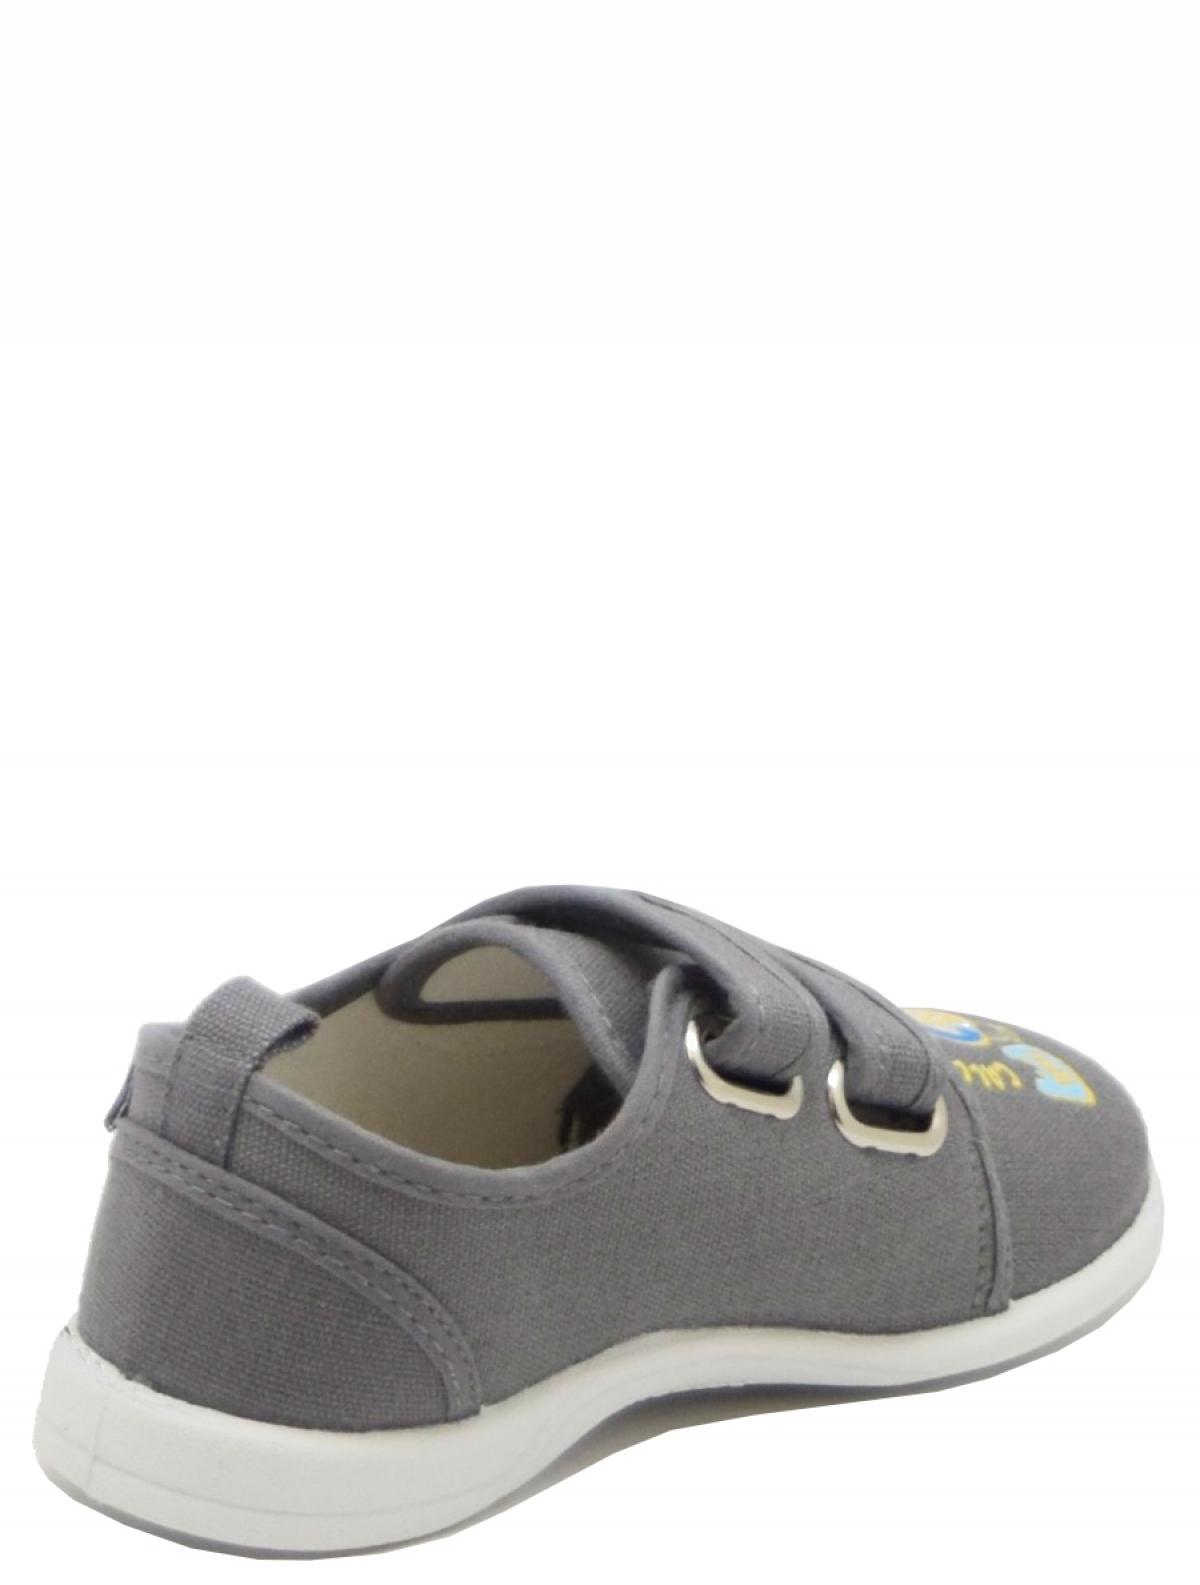 Котофей 131122-12 детские туфли